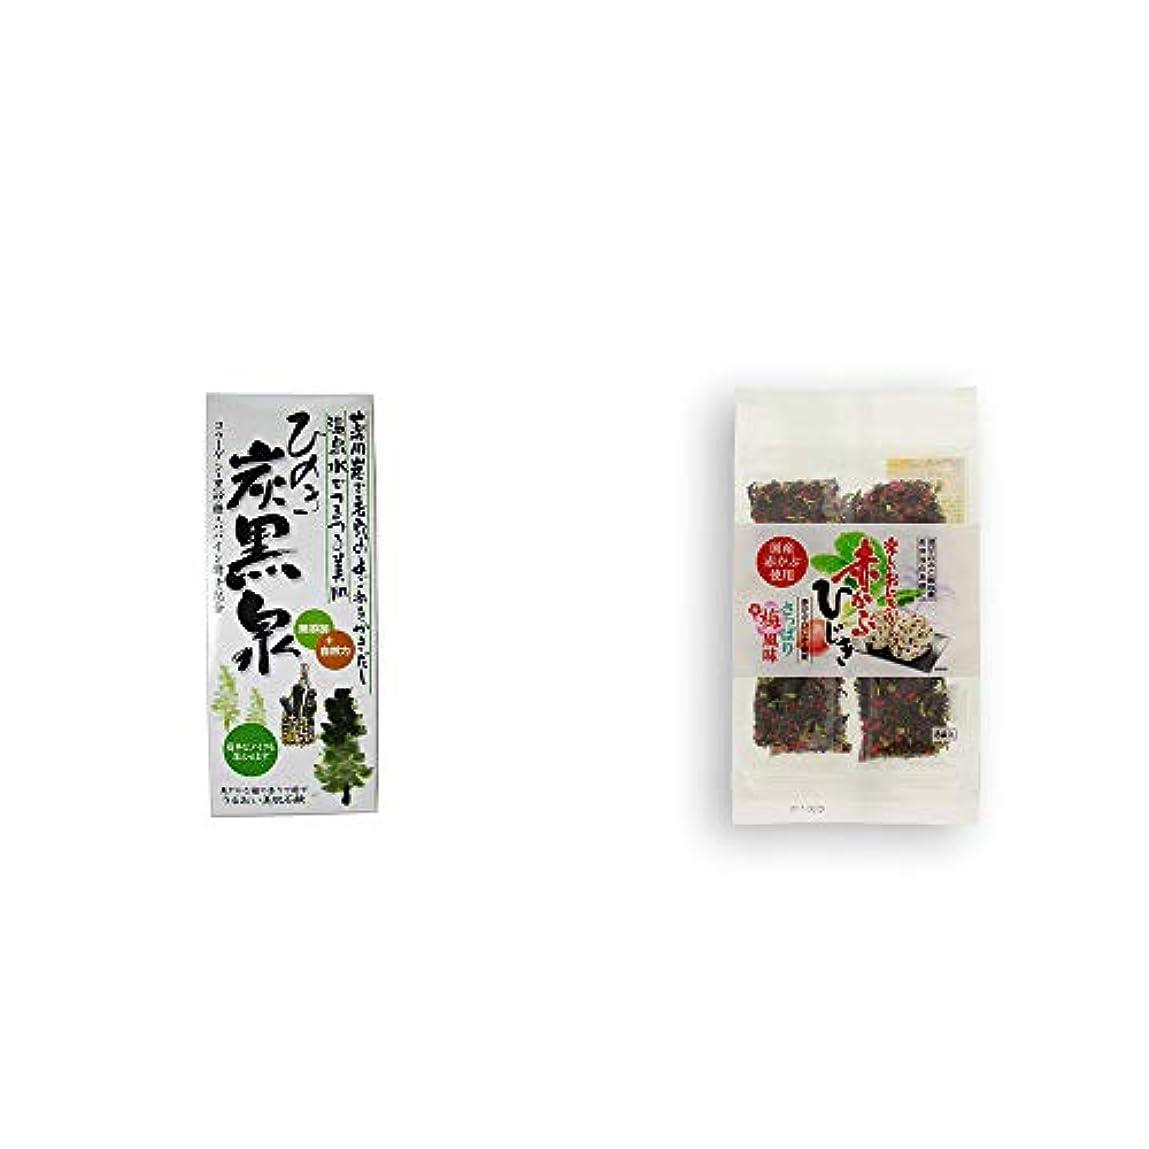 キリストトピック放映[2点セット] ひのき炭黒泉 箱入り(75g×3)?楽しいおにぎり 赤かぶひじき(8g×8袋)